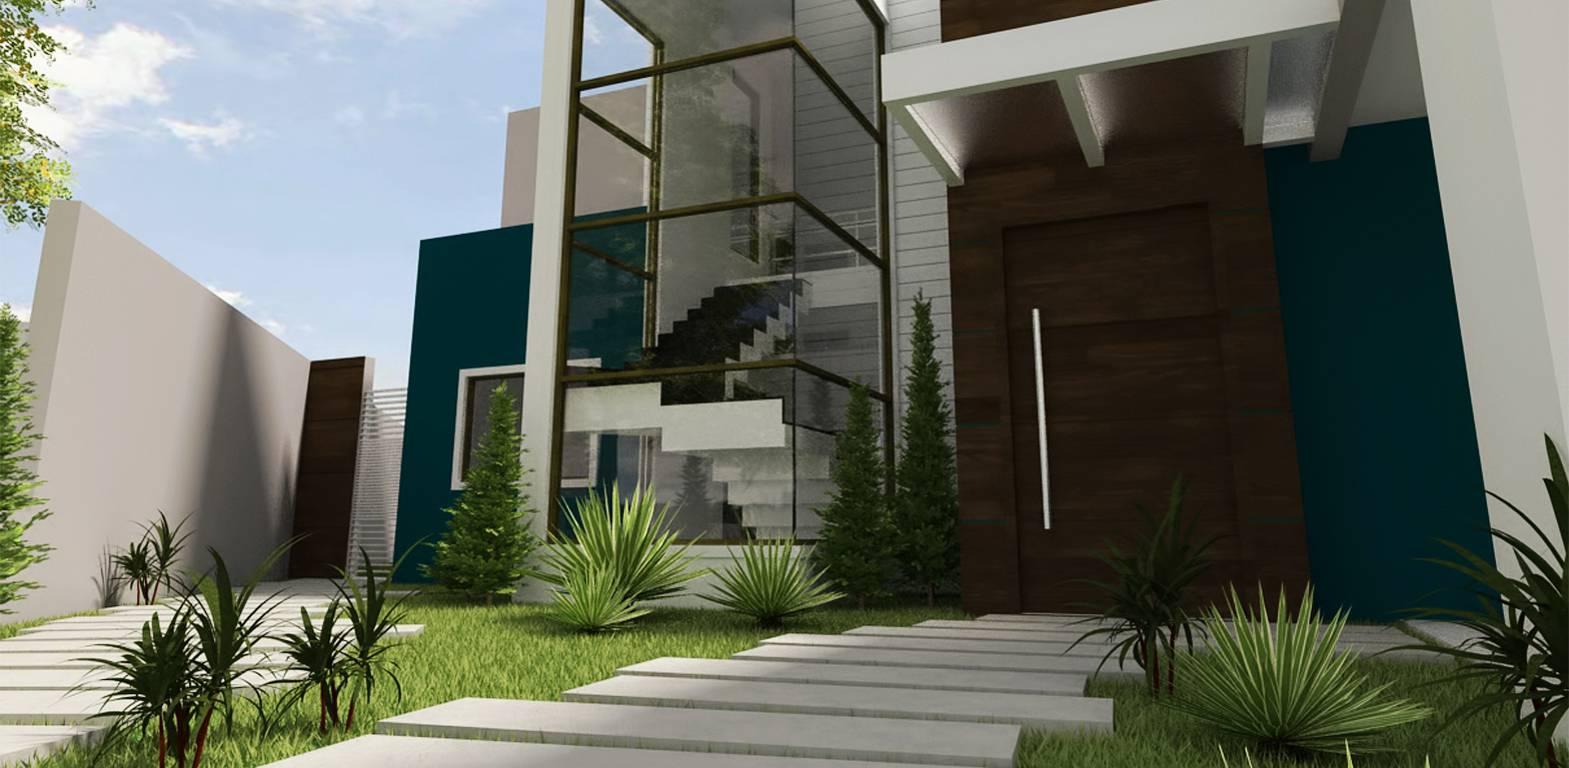 Conheça a Sbruzzi Arquitetura + Interiores. Um escritório que se baseia na vida do cliente para desenhar os contornos de seus projetos.